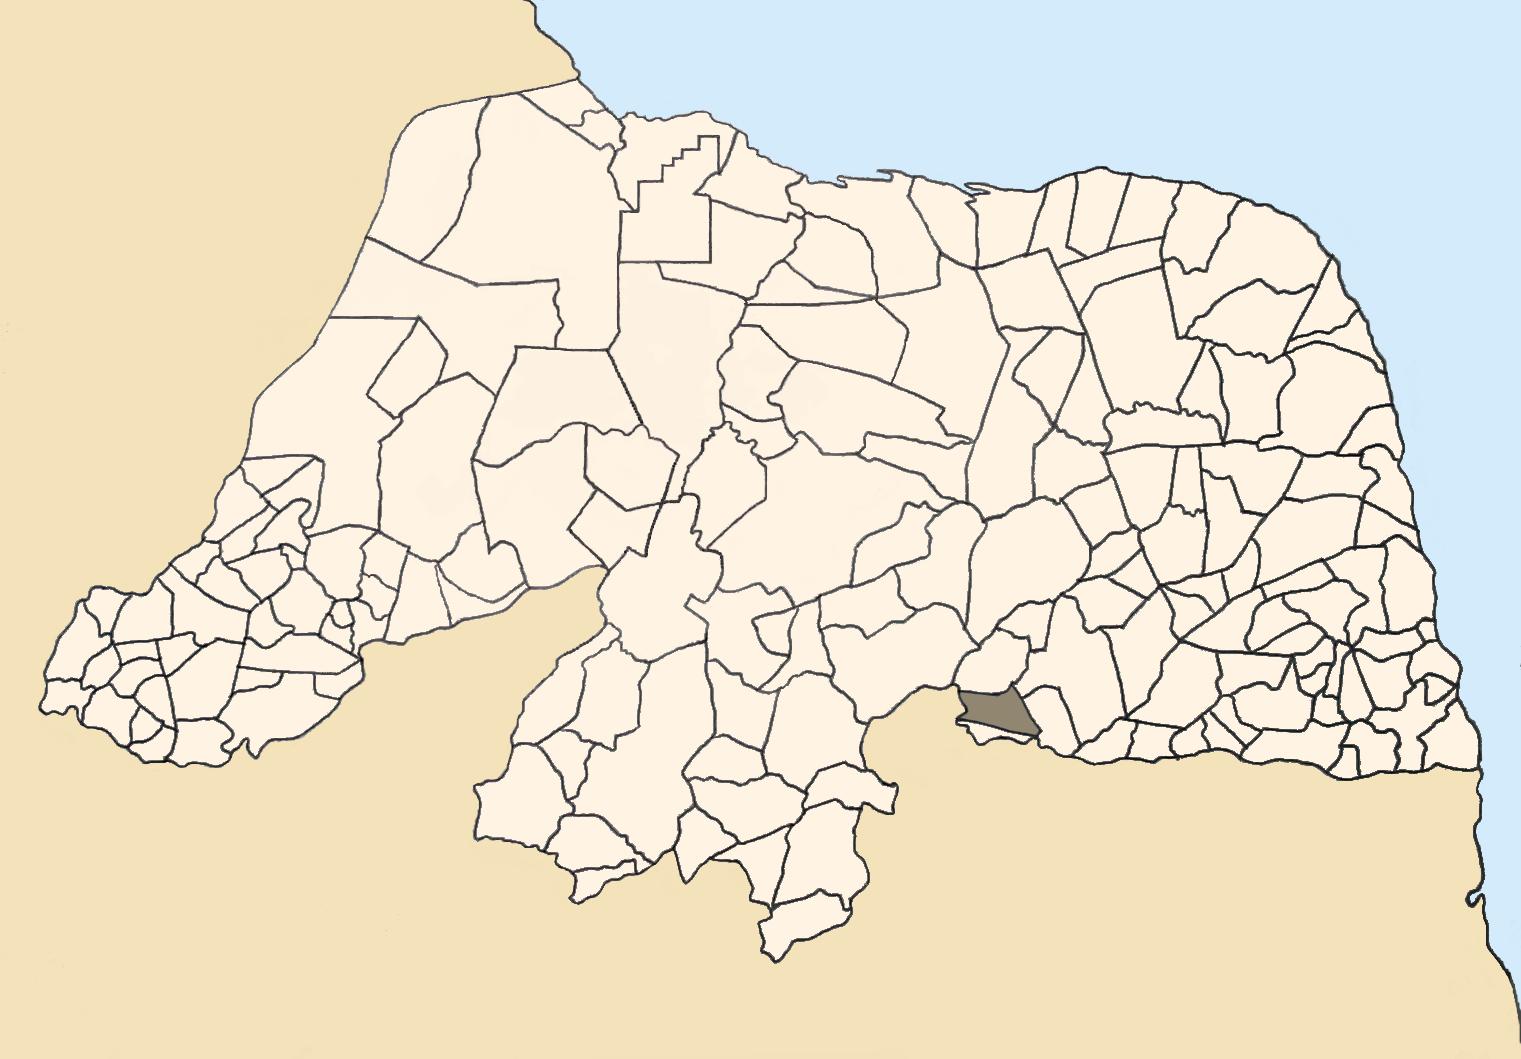 Coronel Ezequiel Rio Grande do Norte fonte: upload.wikimedia.org